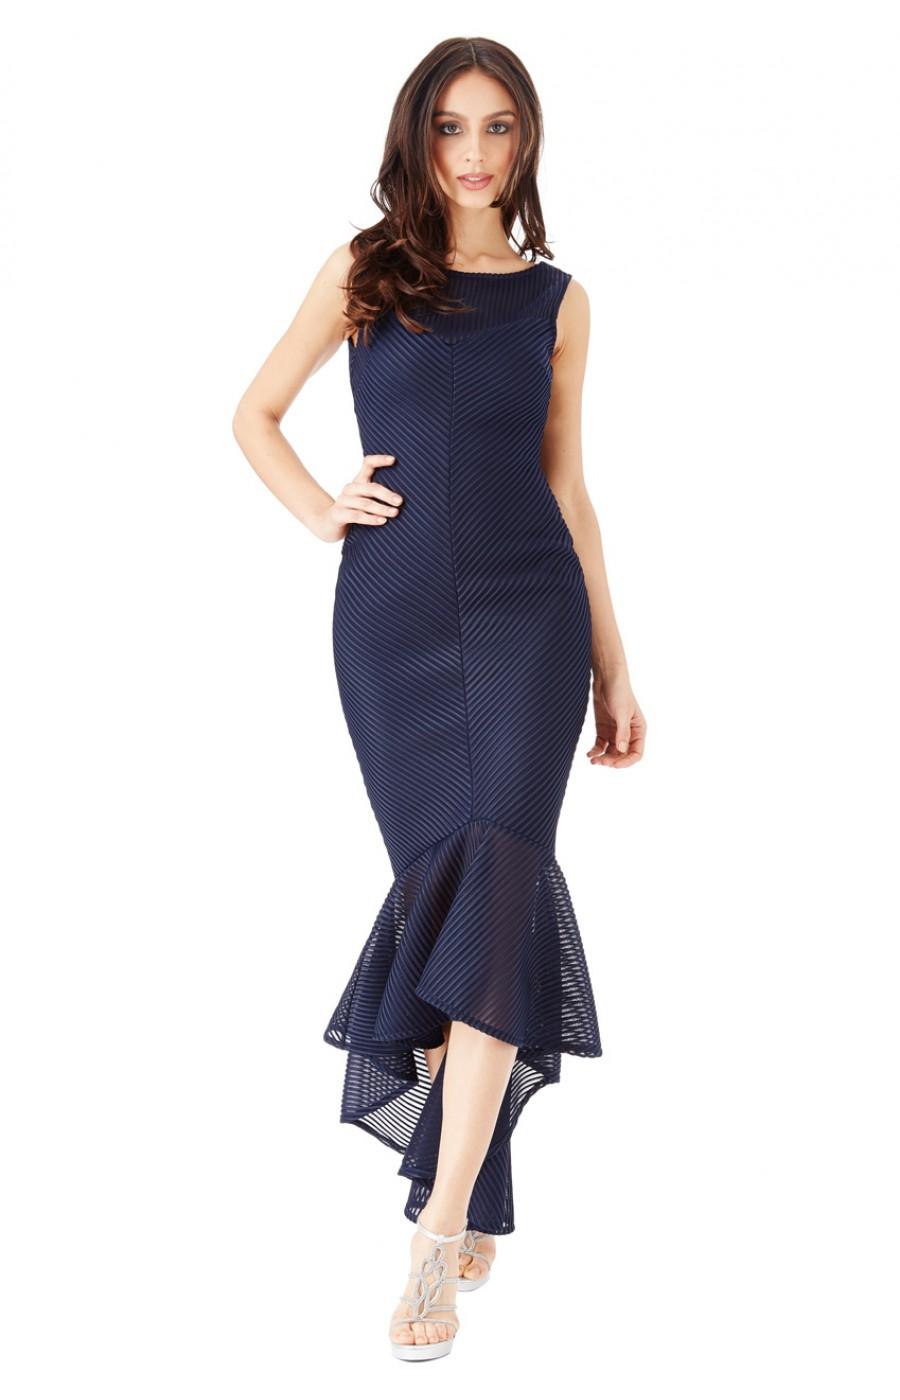 Μπλε μιντι γοργονέ φόρεμα